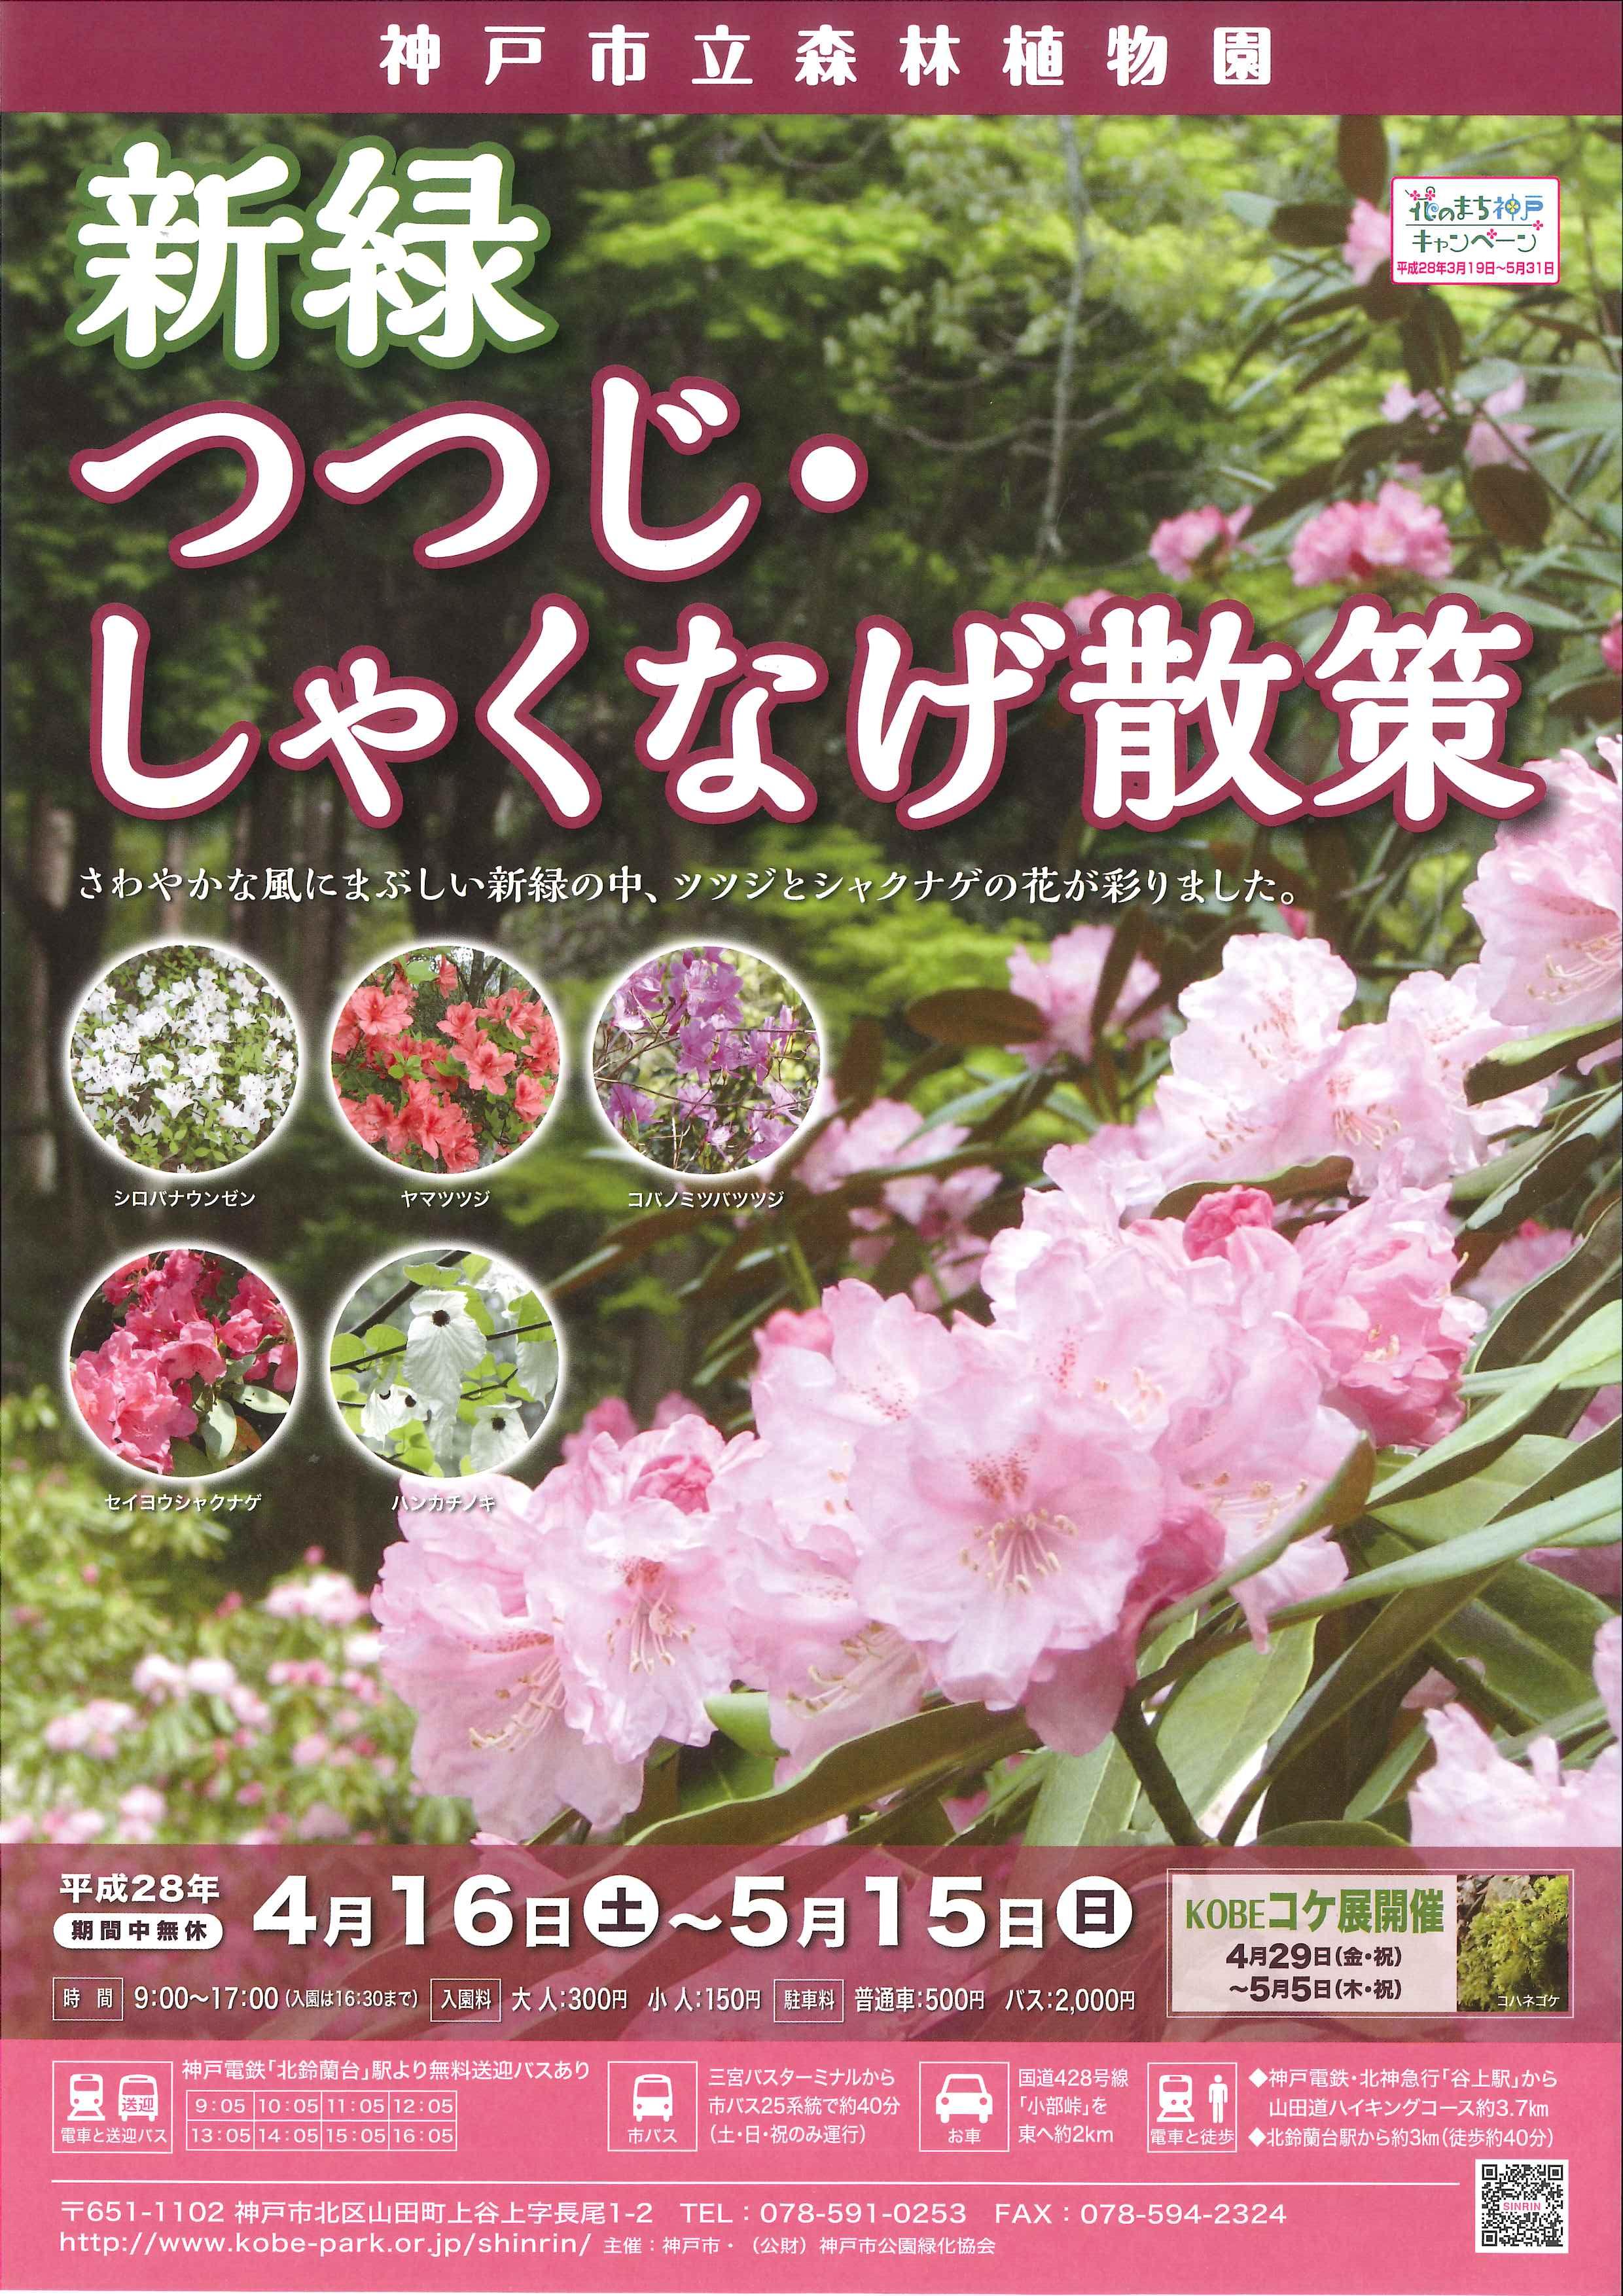 神戸市立森林植物園はつつじ・しゃくなげが満開だよ